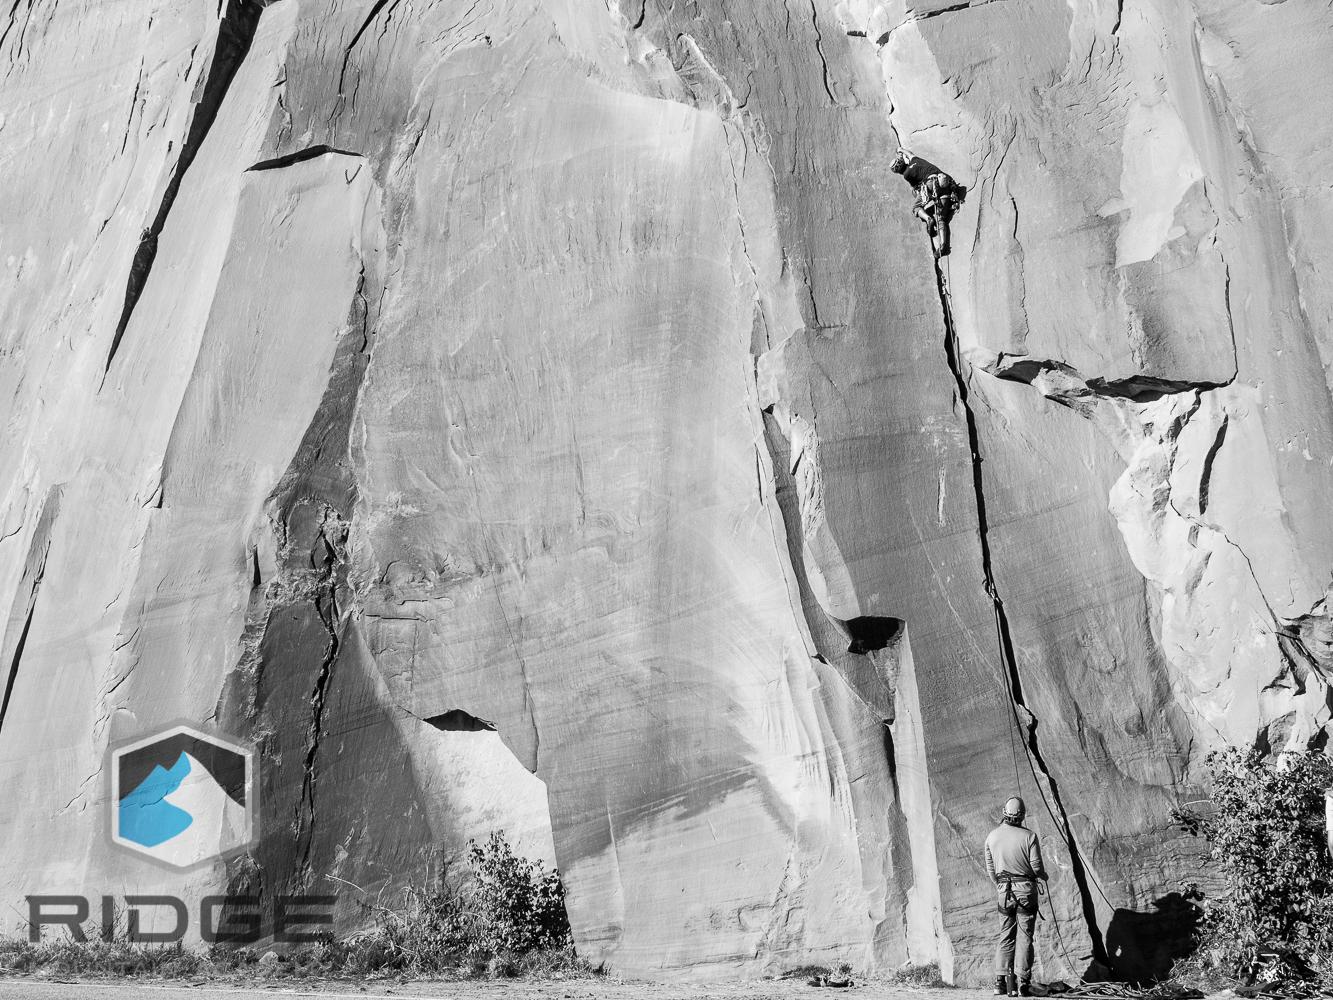 RIDGE in Moab, fall 2015-85.JPG